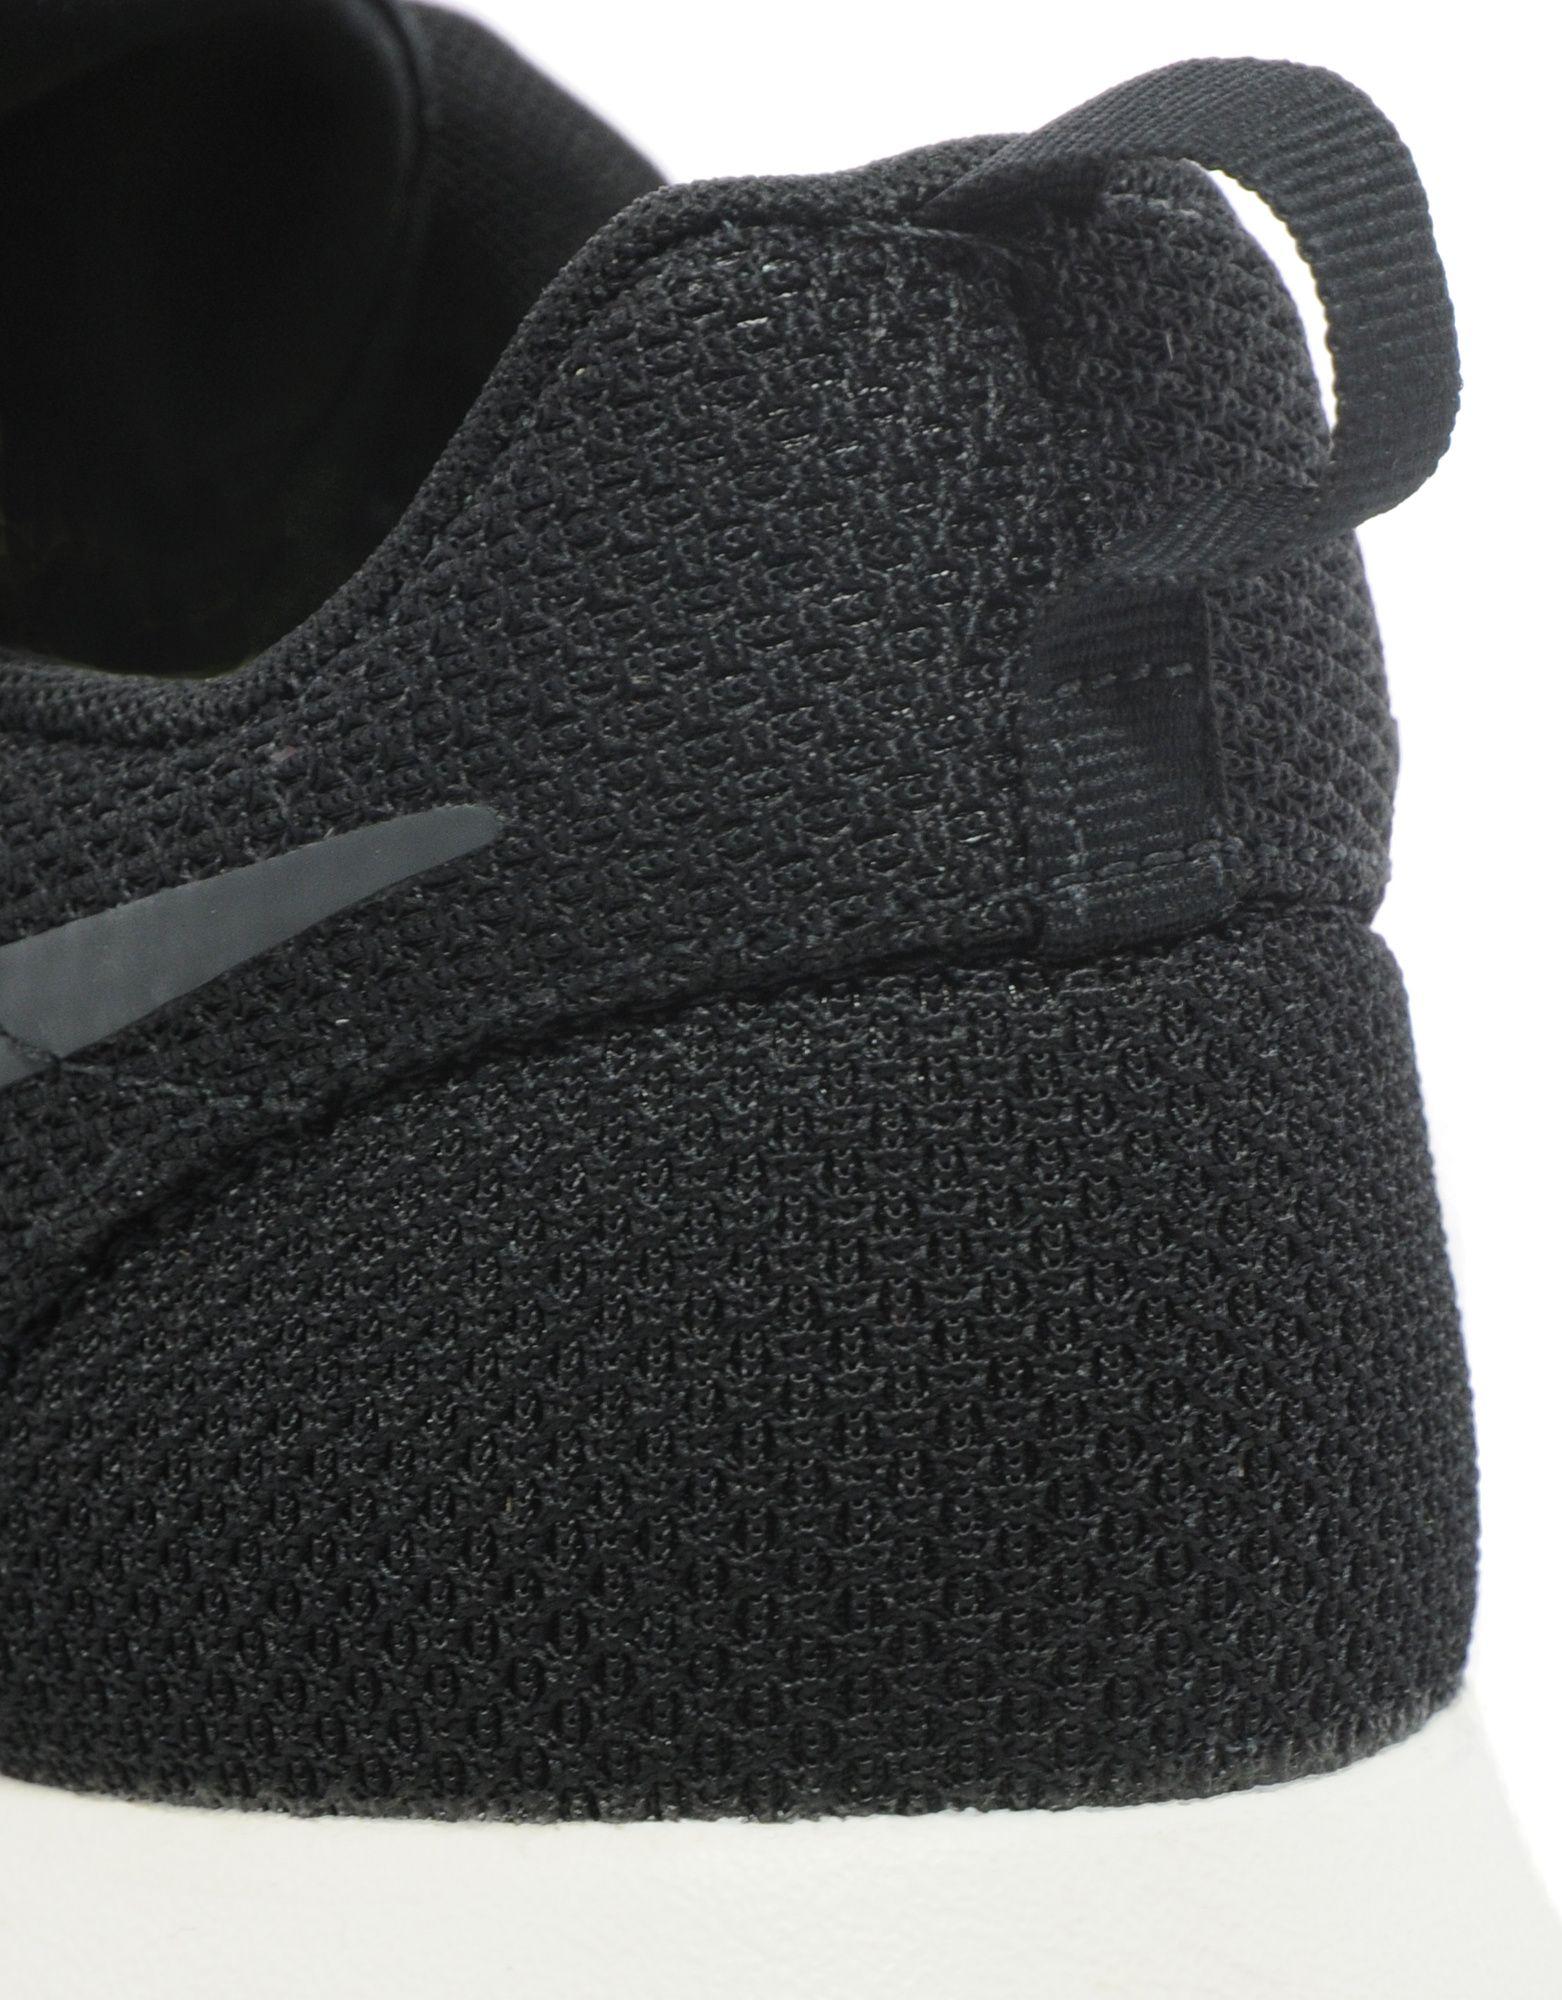 Nike Roshe One | JD Sports